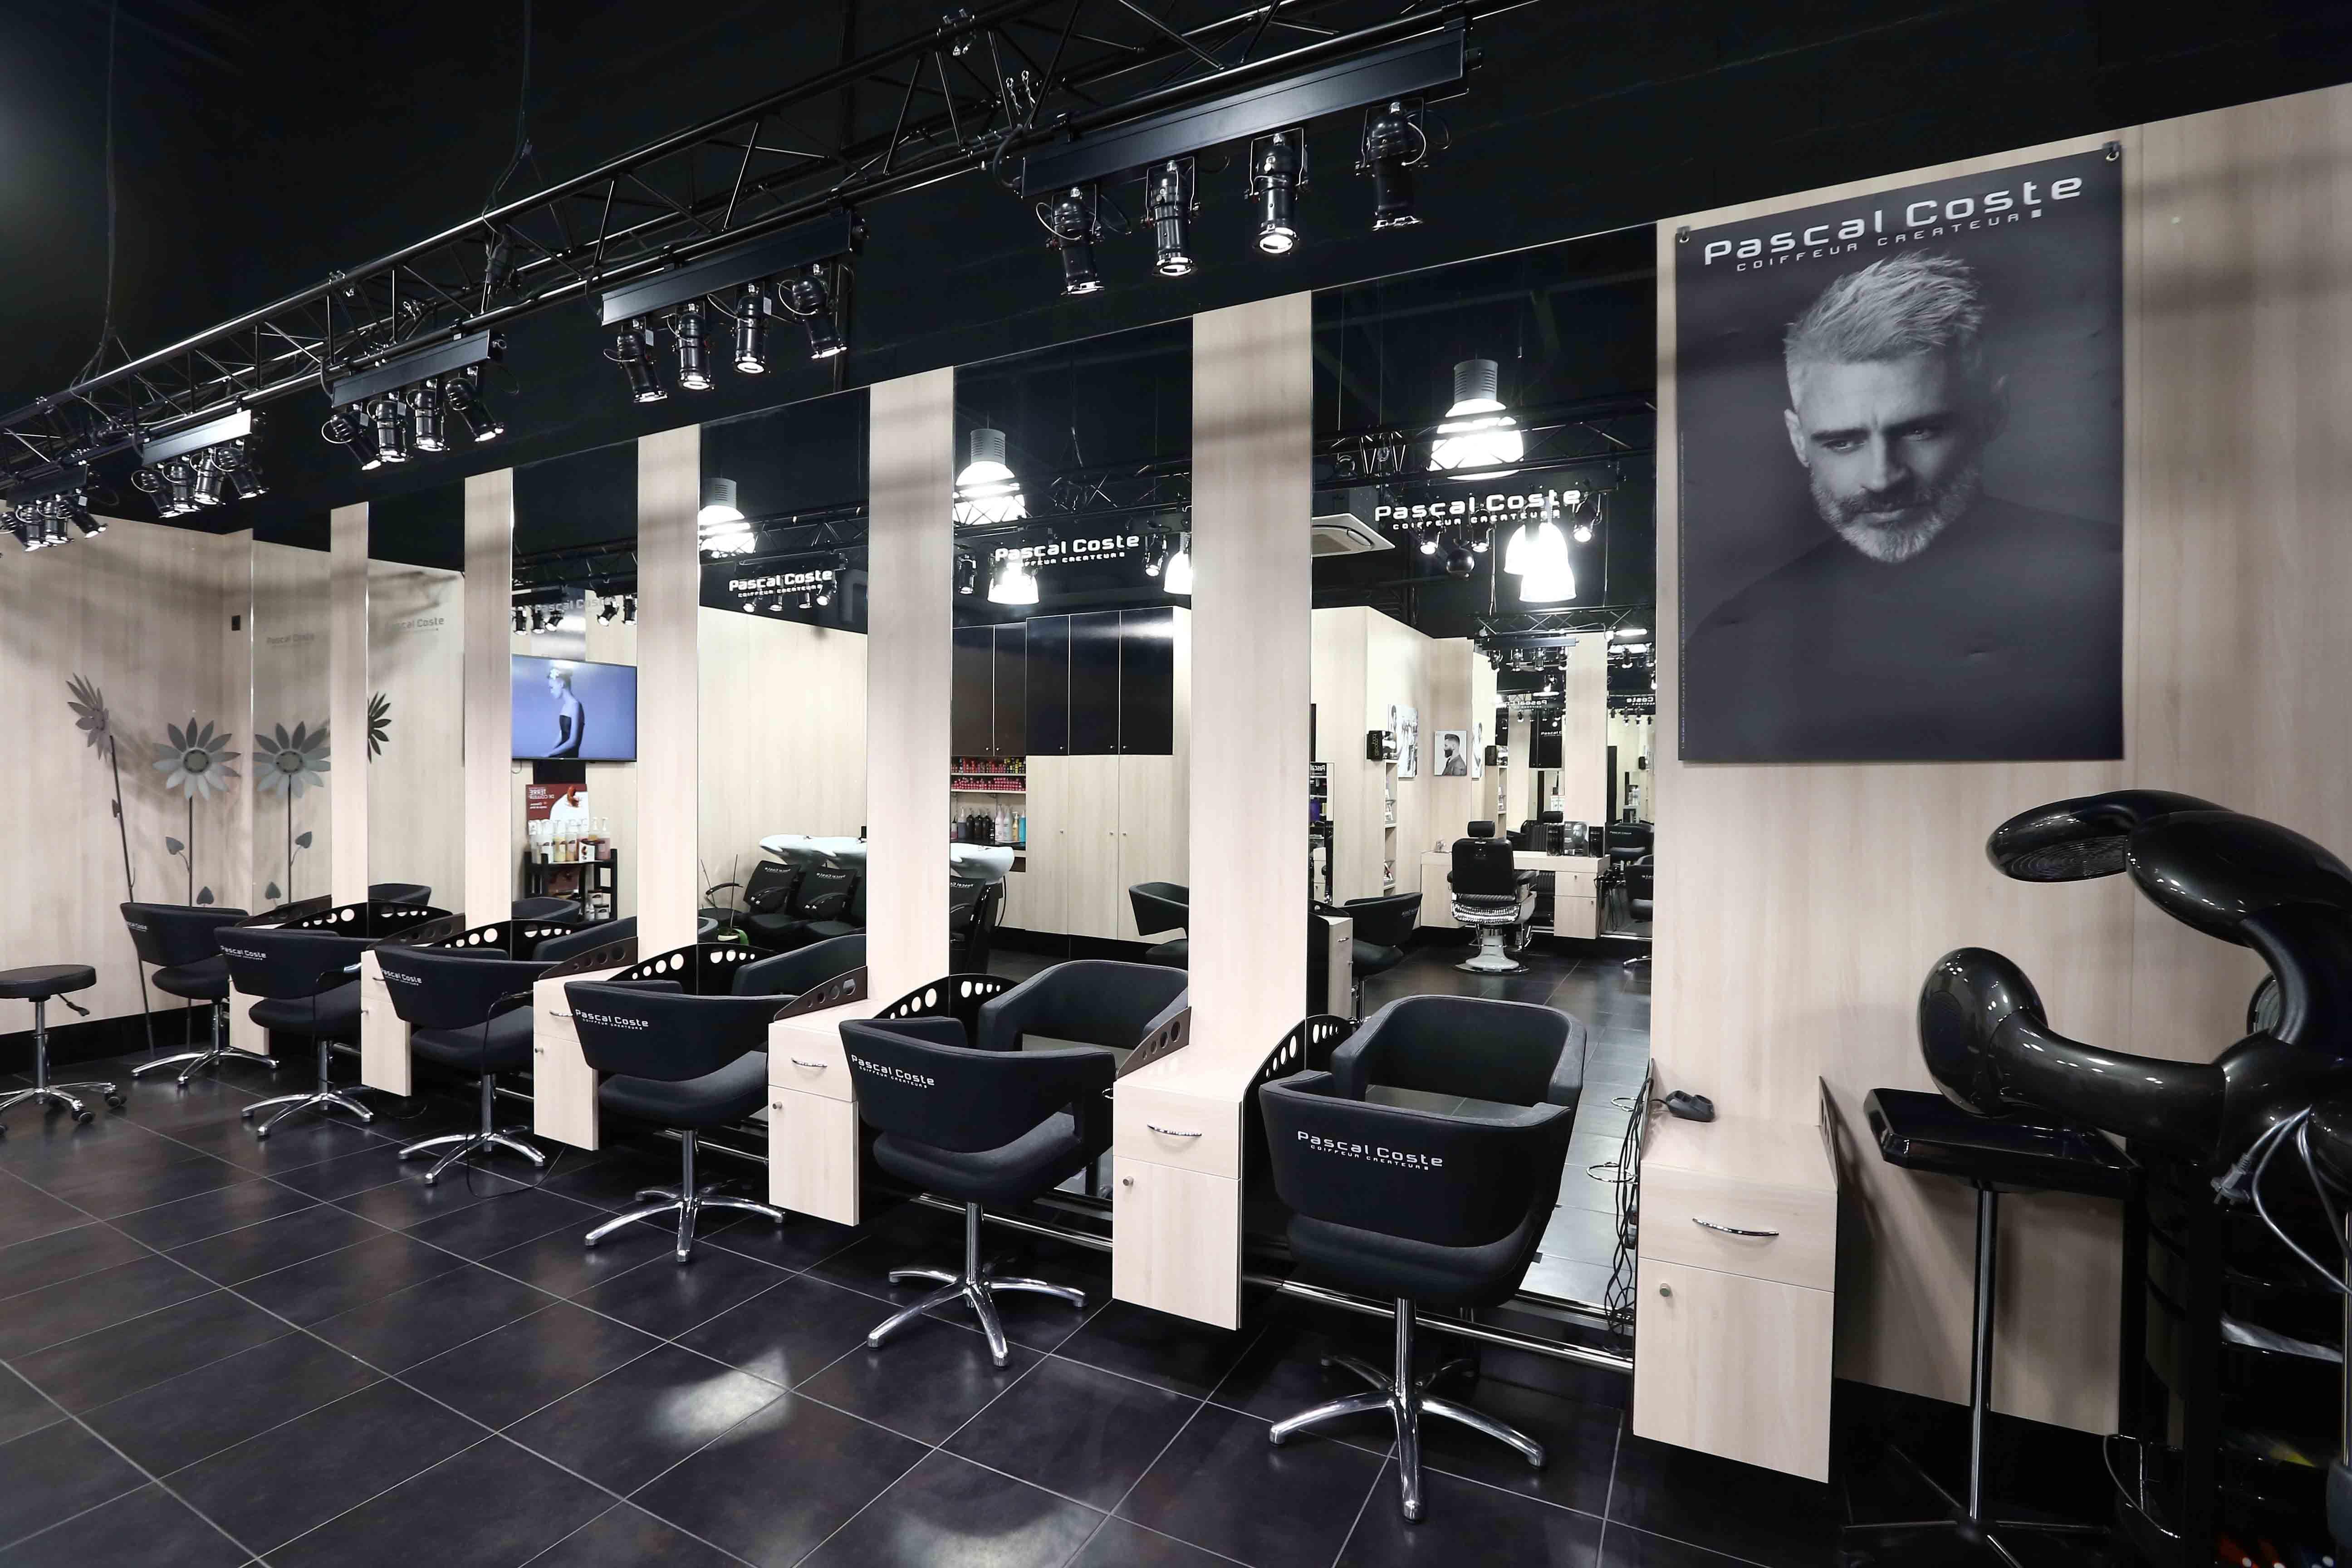 Mobilier Salon De Coiffure Pascal Coste Mobilier Salon De Coiffure Mobilier Salon Mobilier